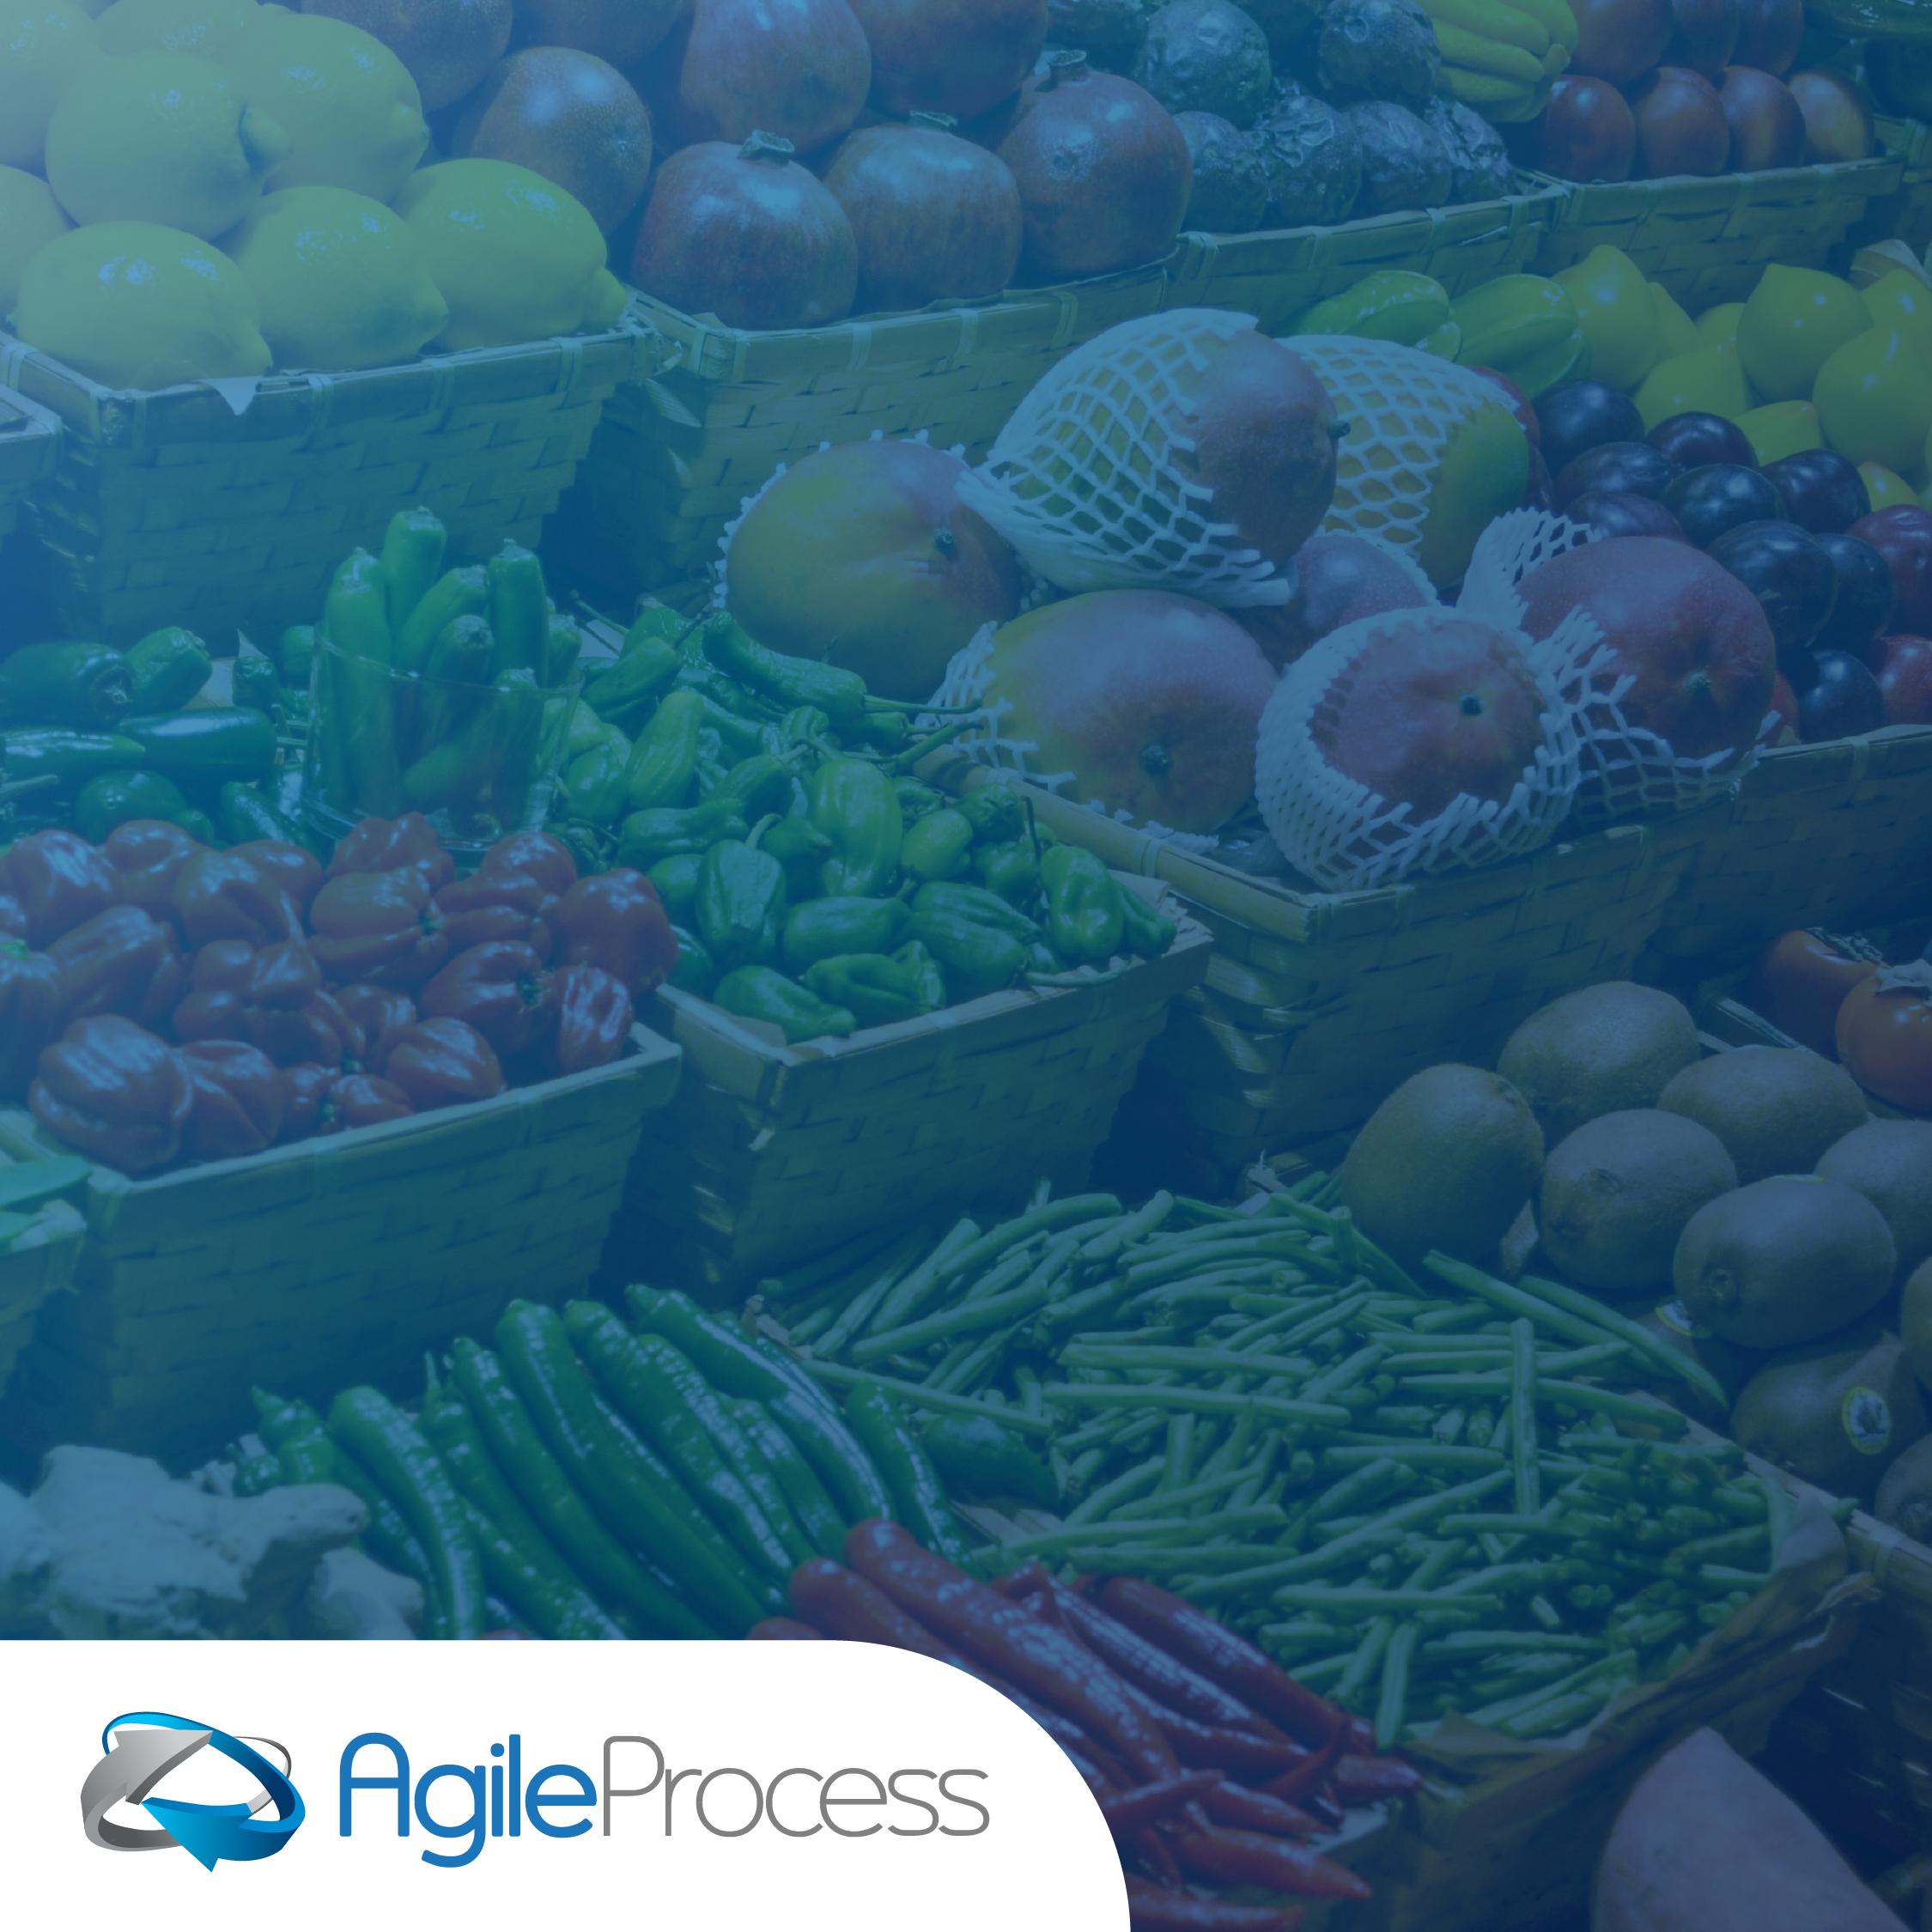 transporte de alimentos, logística AgileProcess